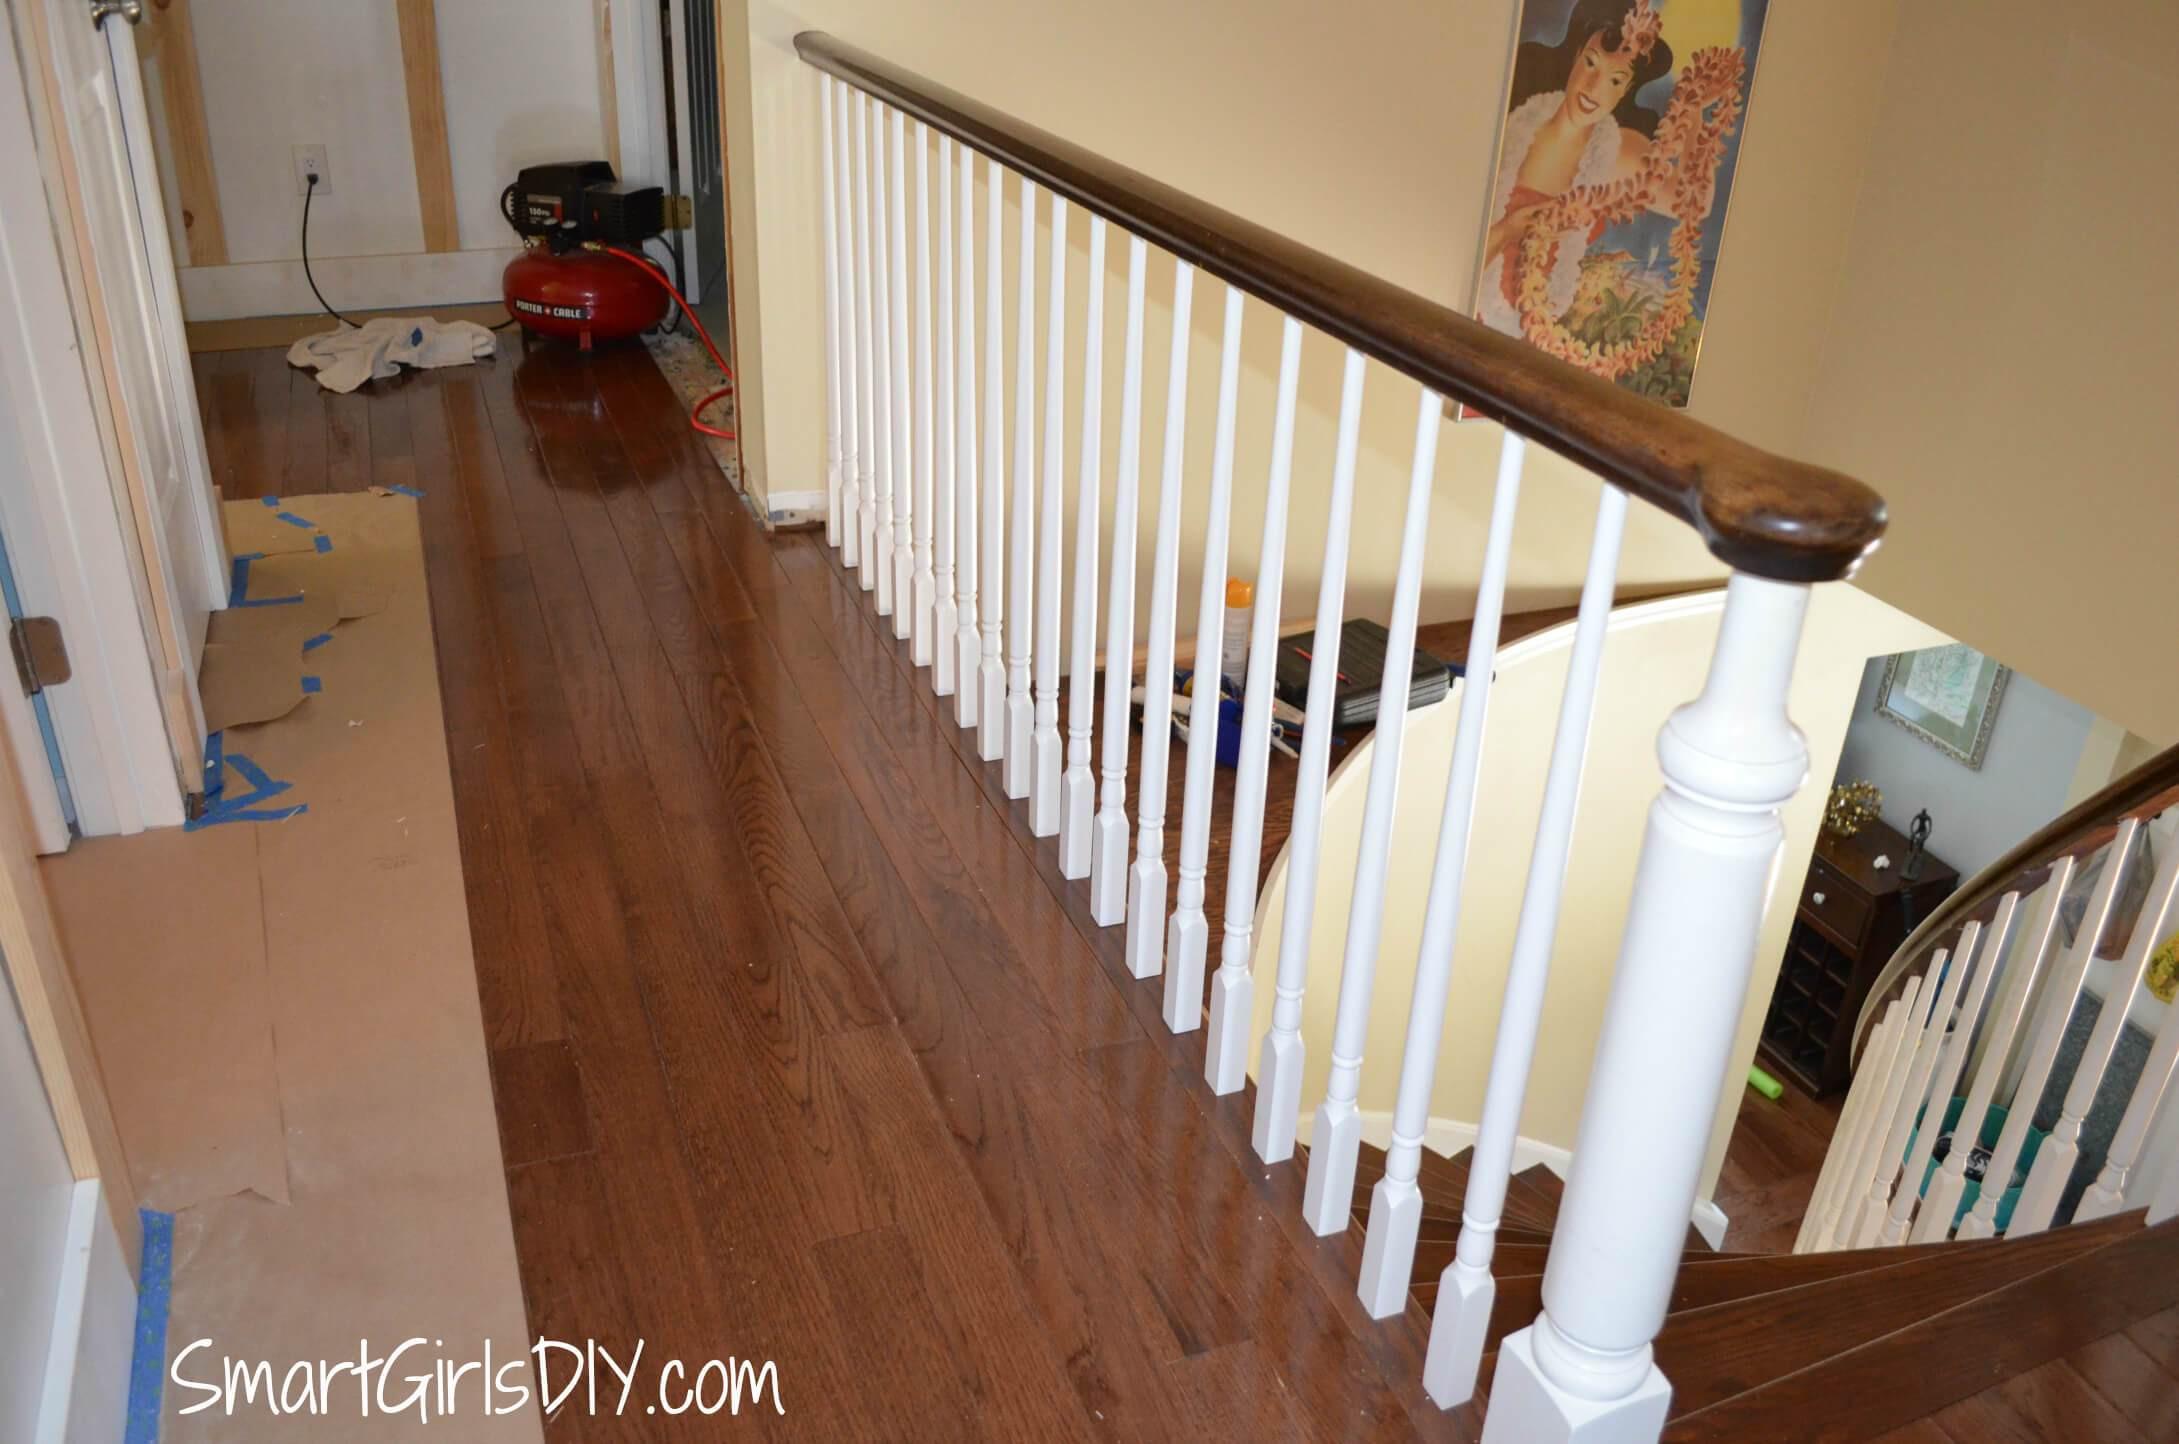 hardwood floor stair landing of upstairs hallway 1 installing hardwood floors in upstairs hallway 2 hardwood spindles